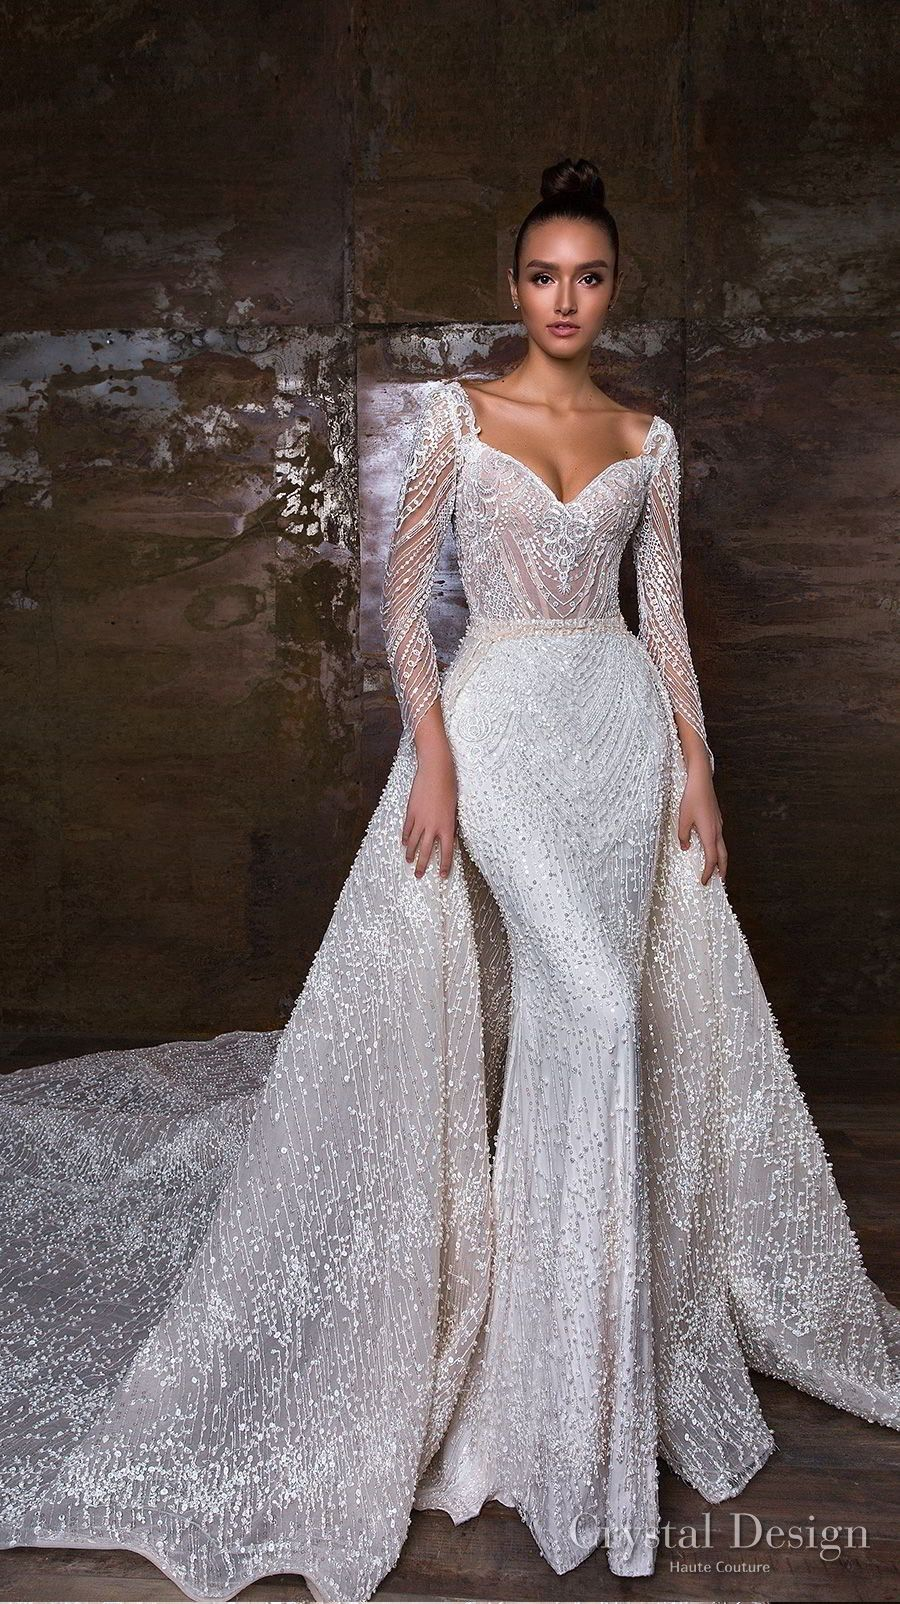 Idea by Linda Gullakson on Wedding ideas Wedding dress